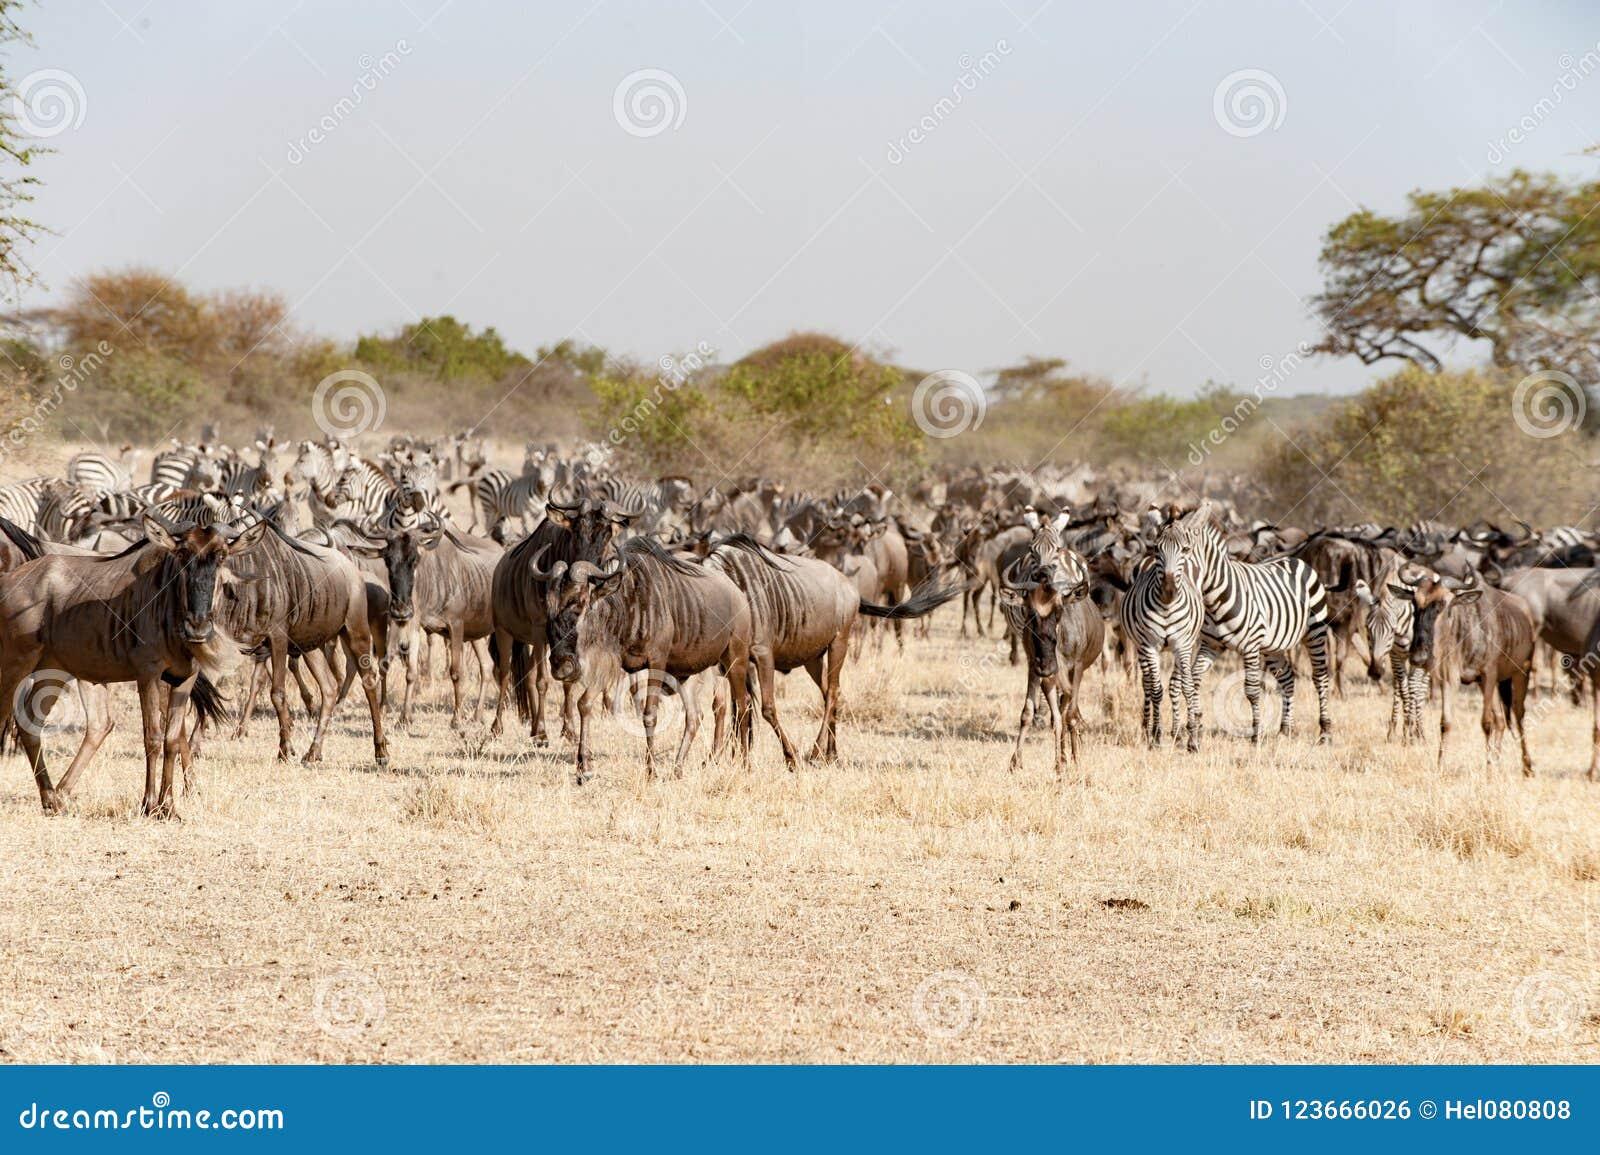 Gnus und Zebras zur großen Migrationszeit in Serengeti, Afrika, hundrets von Gnus zusammen